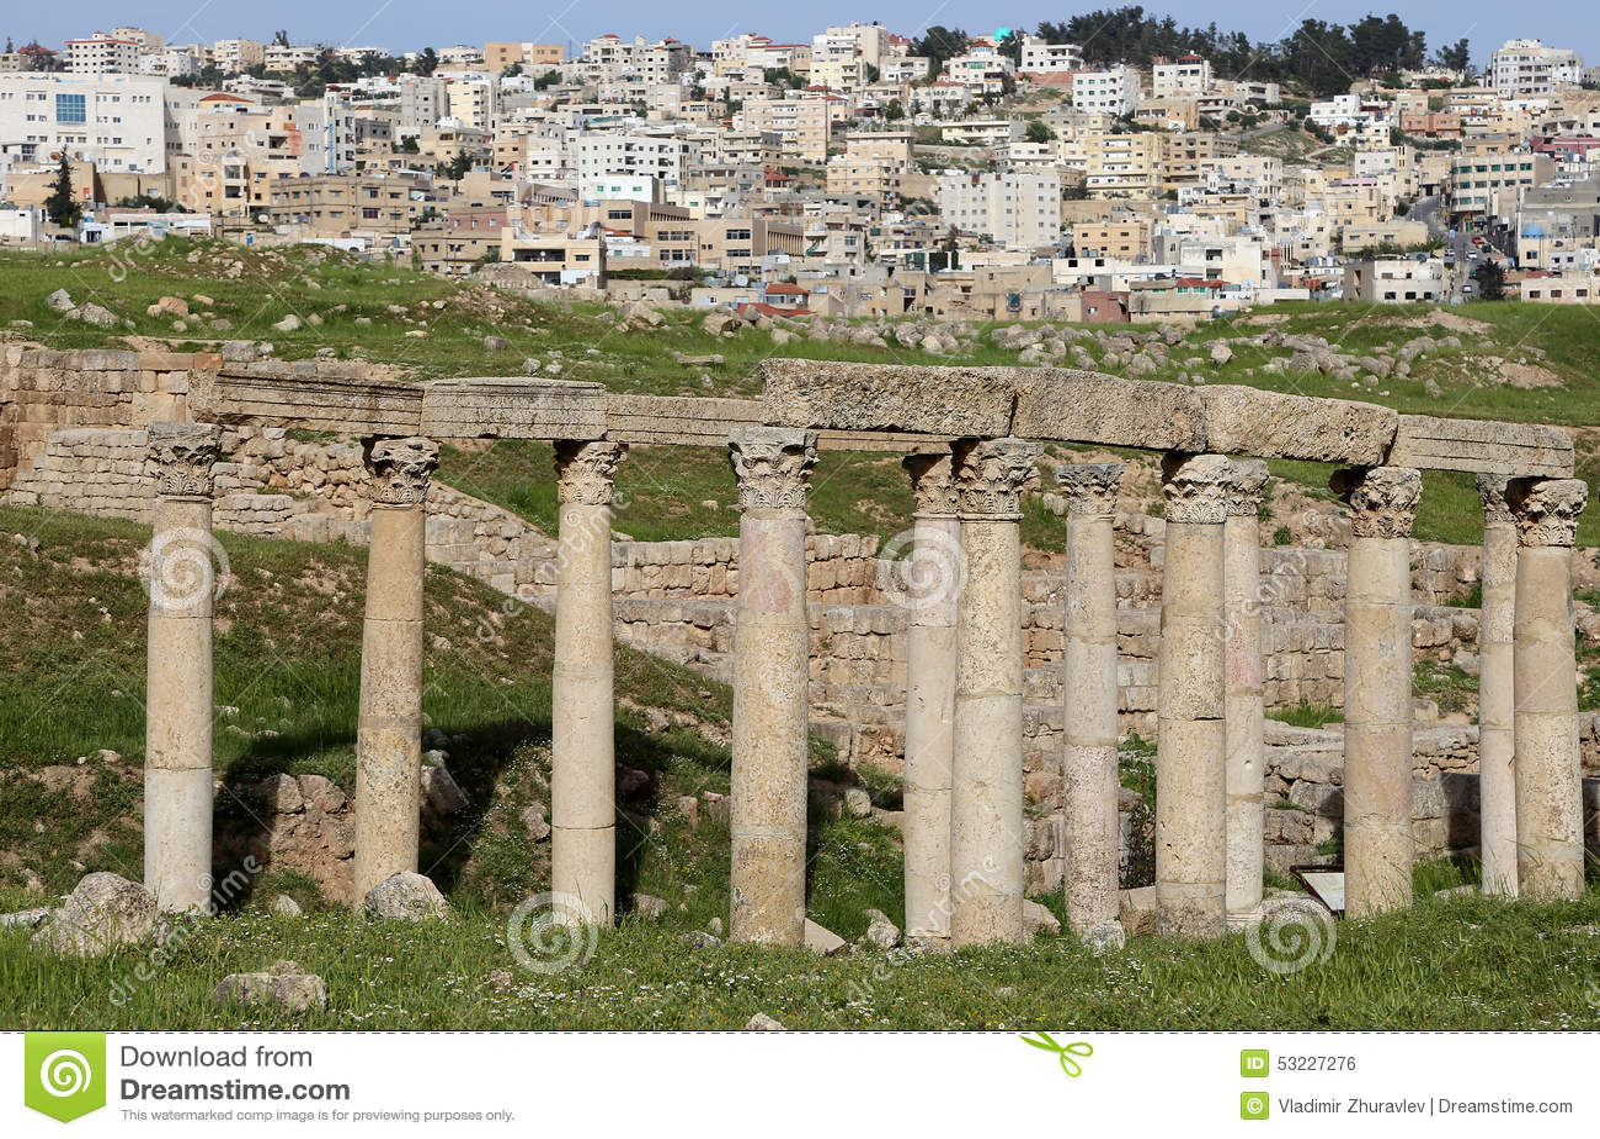 Ruinas romanas en la ciudad jordana de Jerash, Jordania